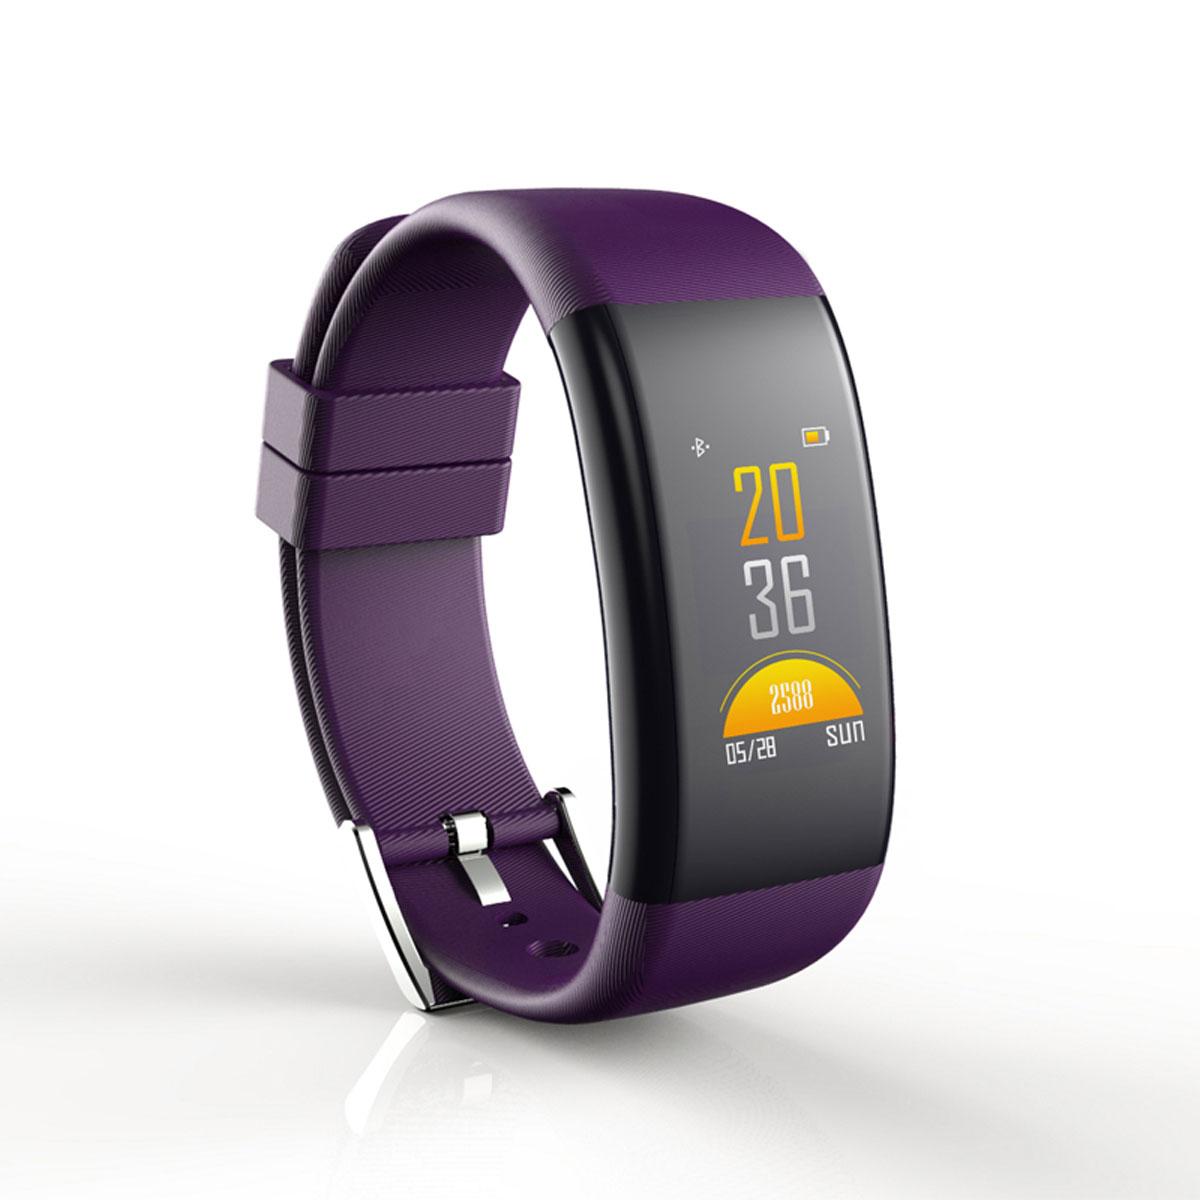 隐元大屏智能手表男 多功能测心率血压运动计步器拍照防水手环女彩屏COLOR紫色